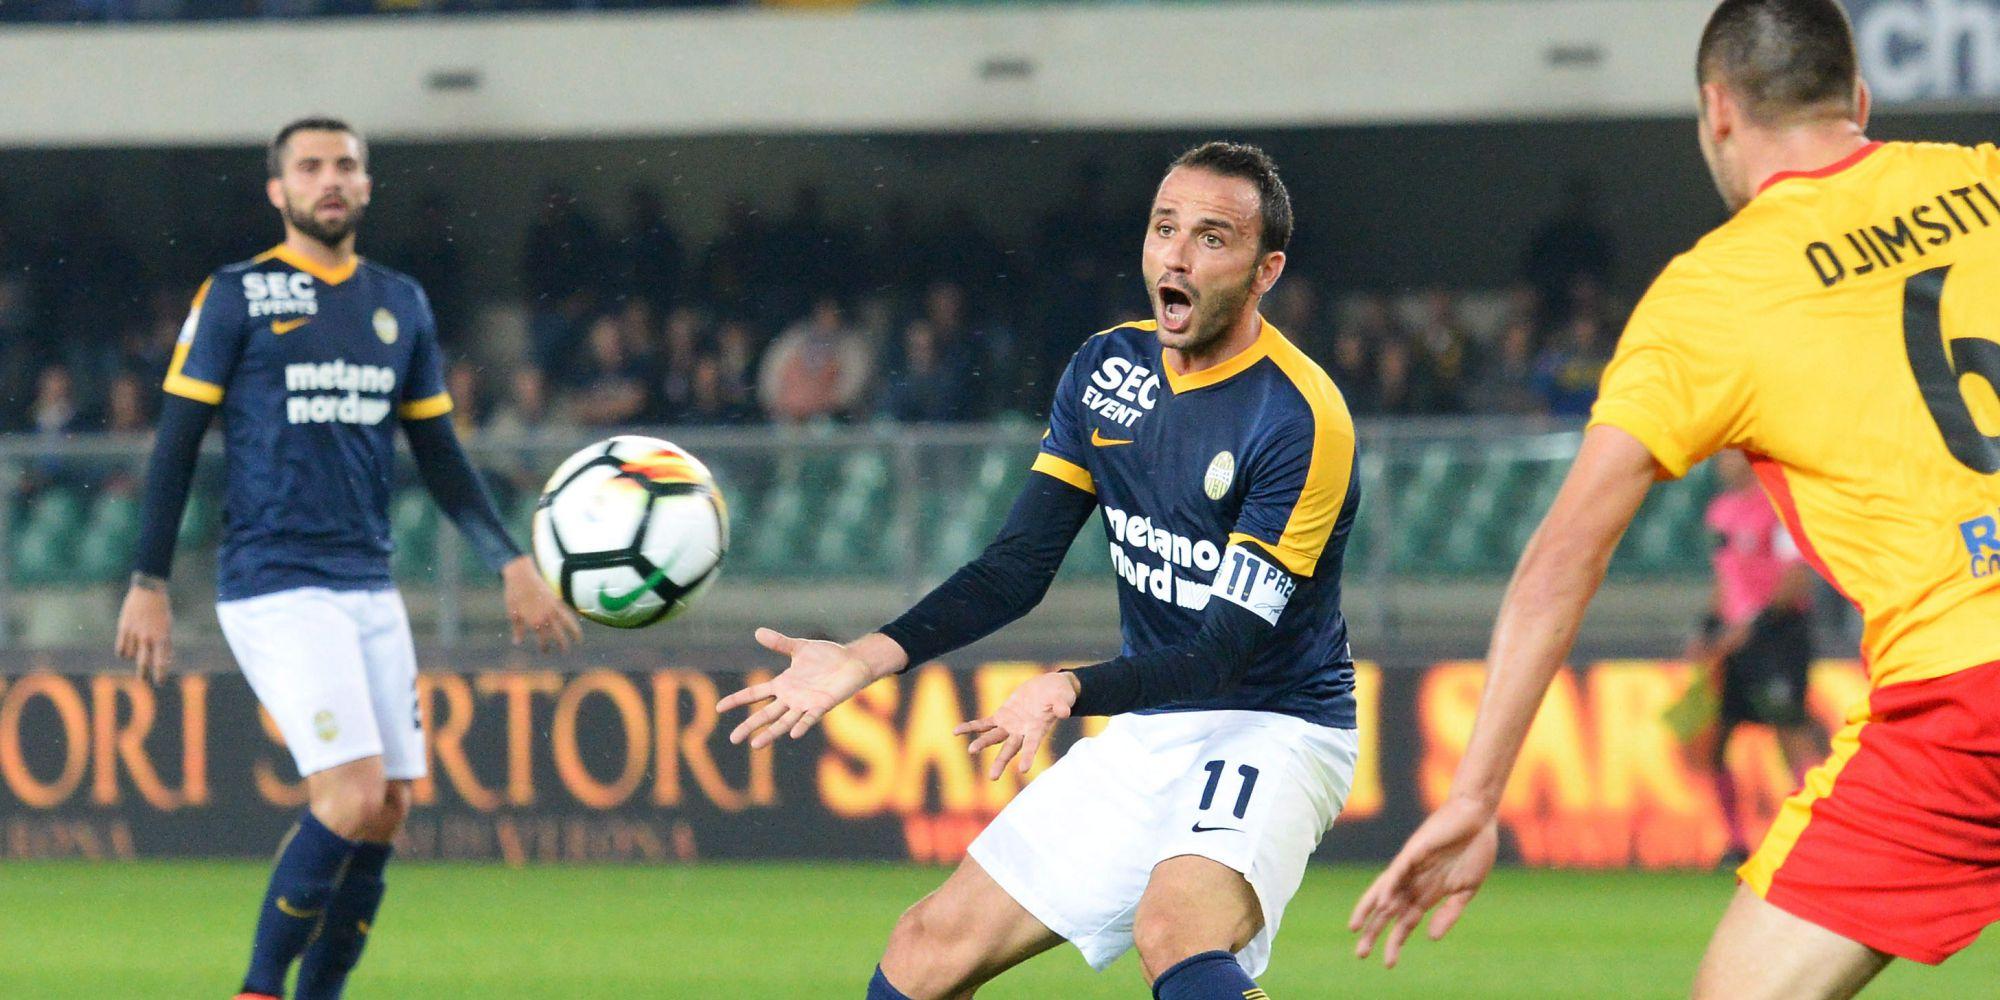 Cagliari-Hellas Verona, formazioni ufficiali e radiocronaca